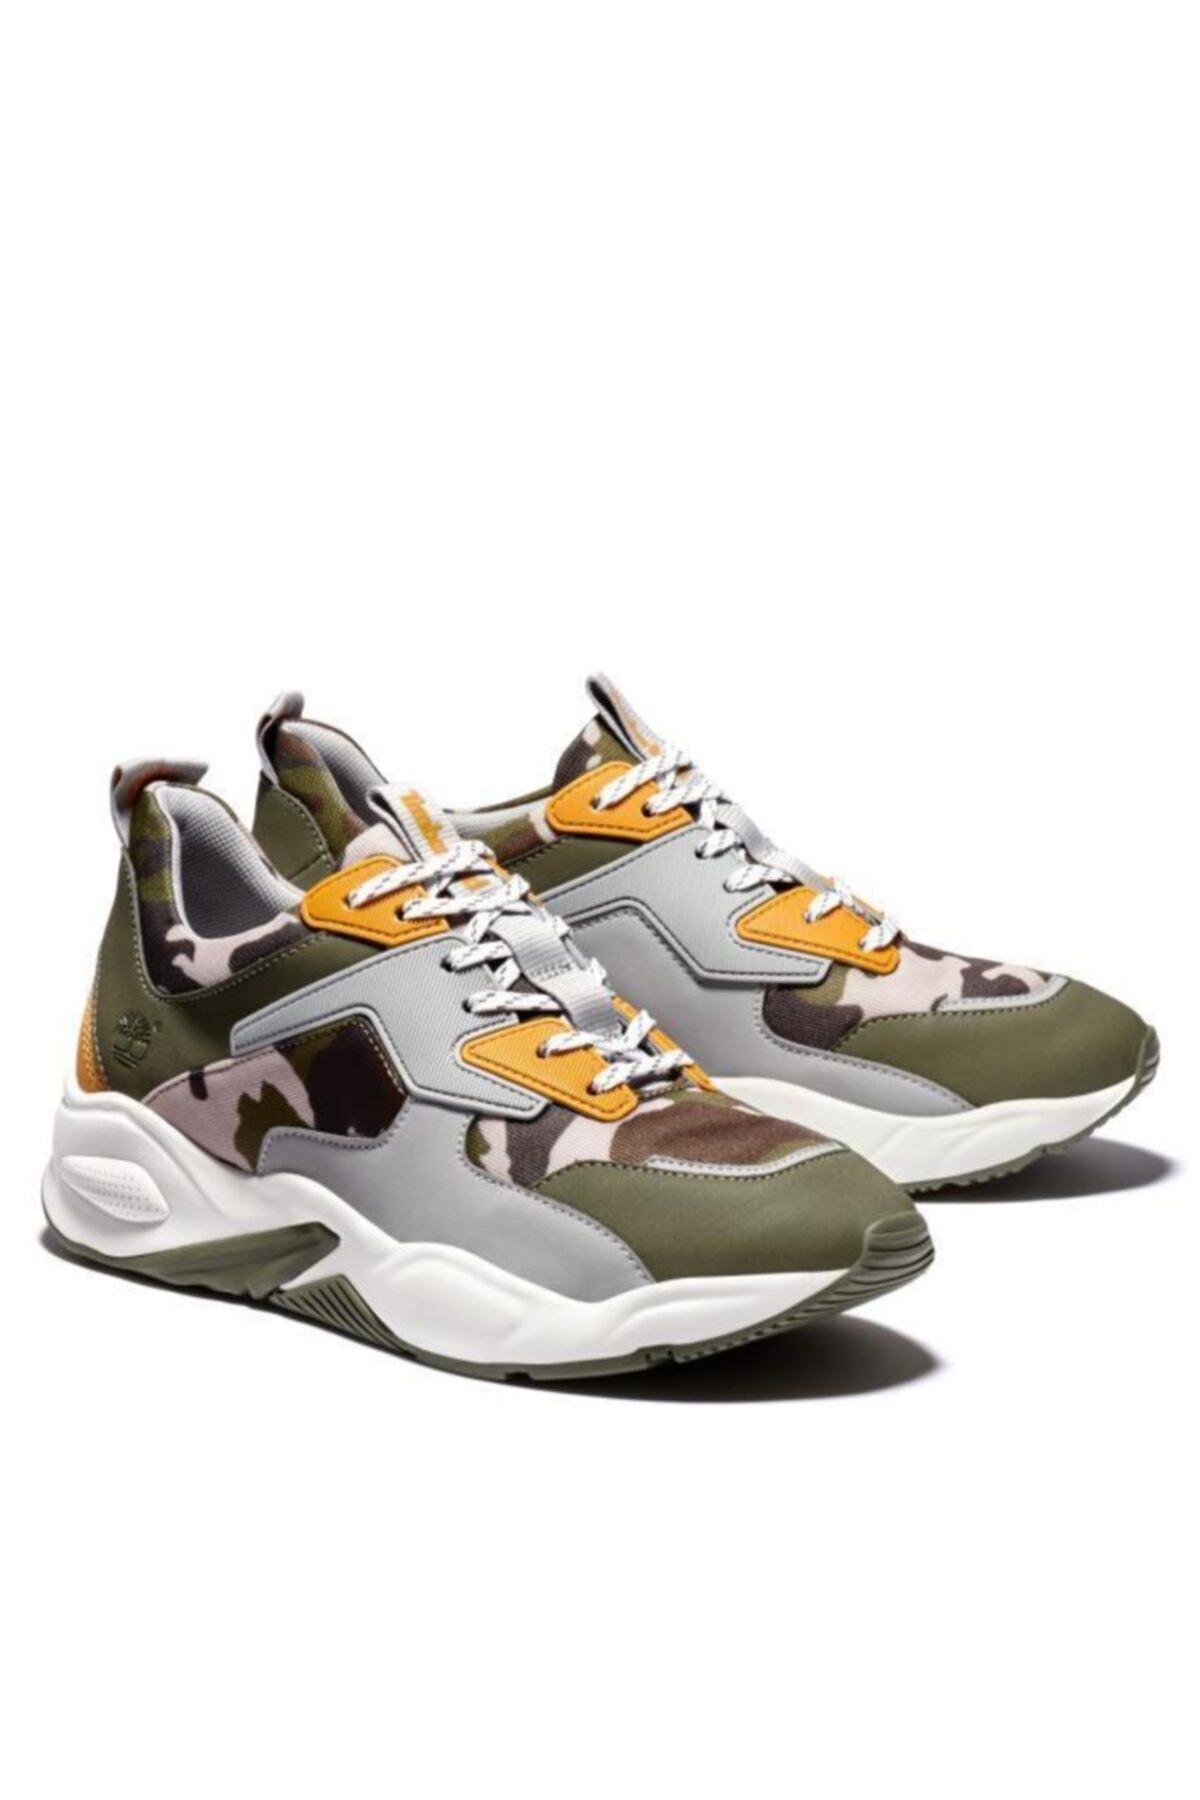 Timberland Delphiville Textile Sneaker Kadın Ayakkabı Kamuflaj 1